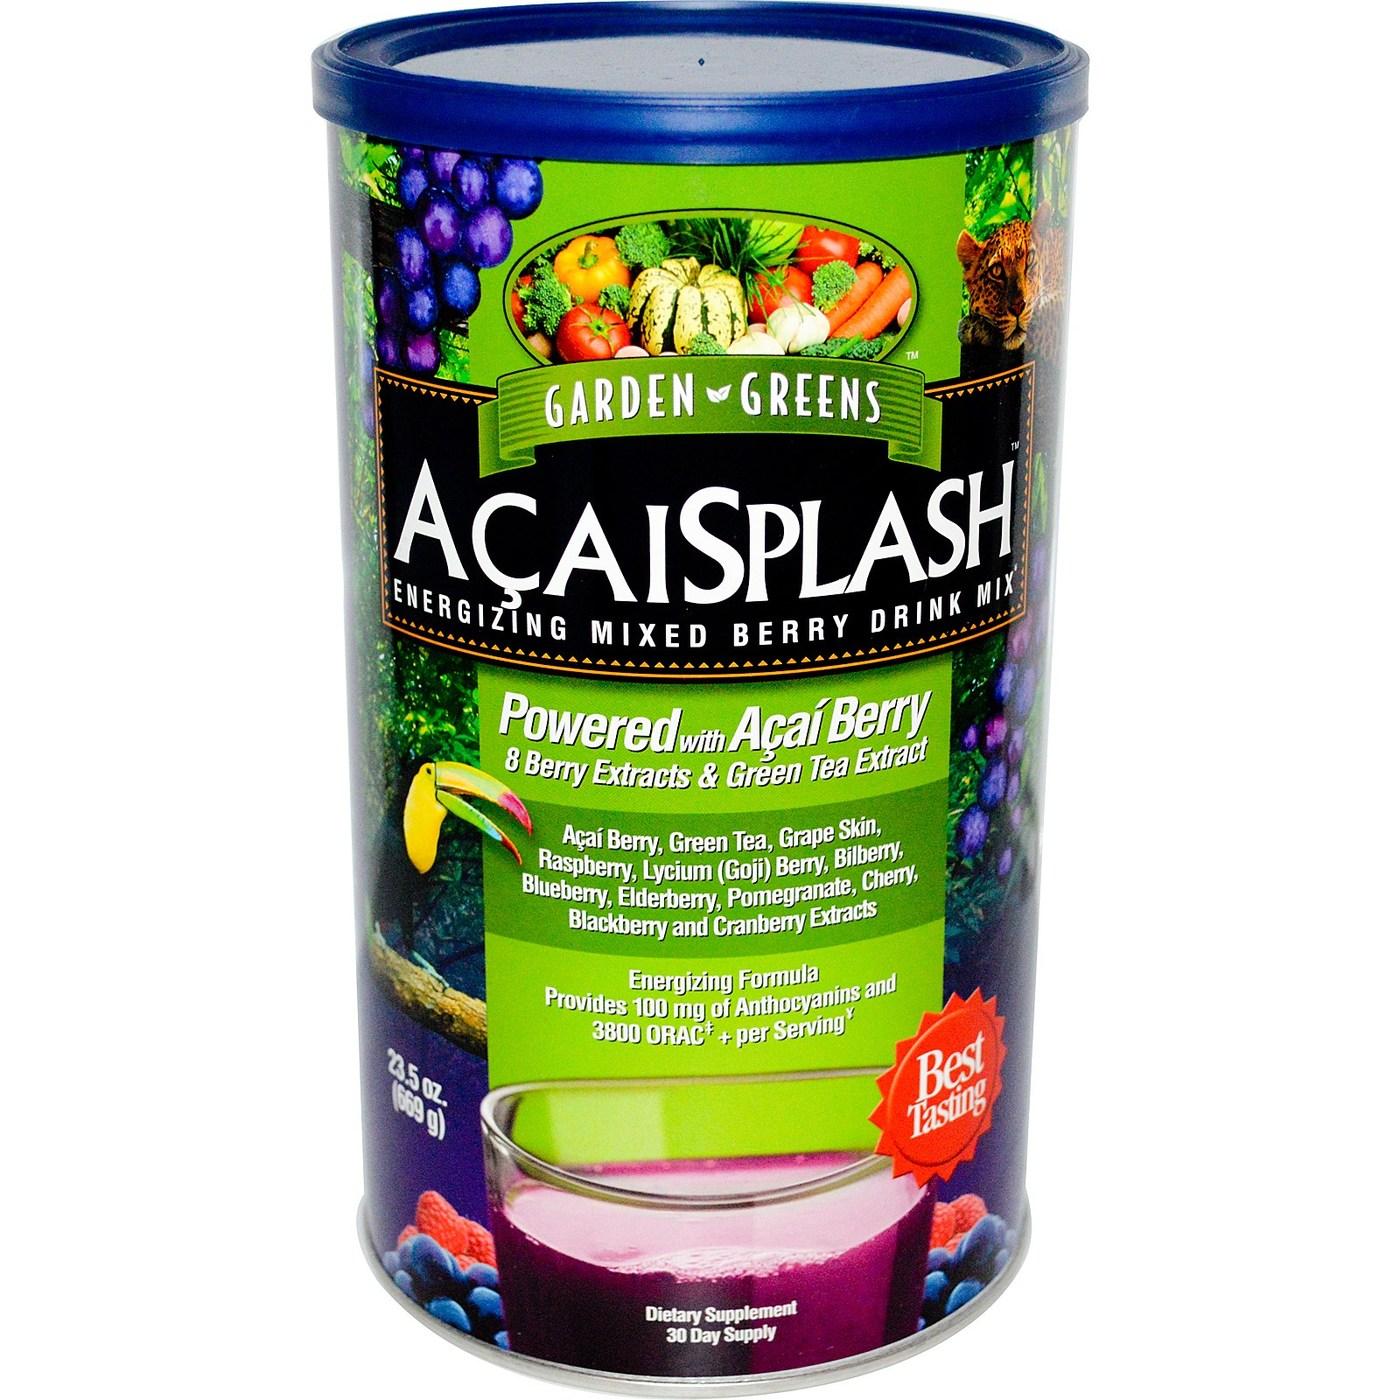 BerrySplash ACAI Powder